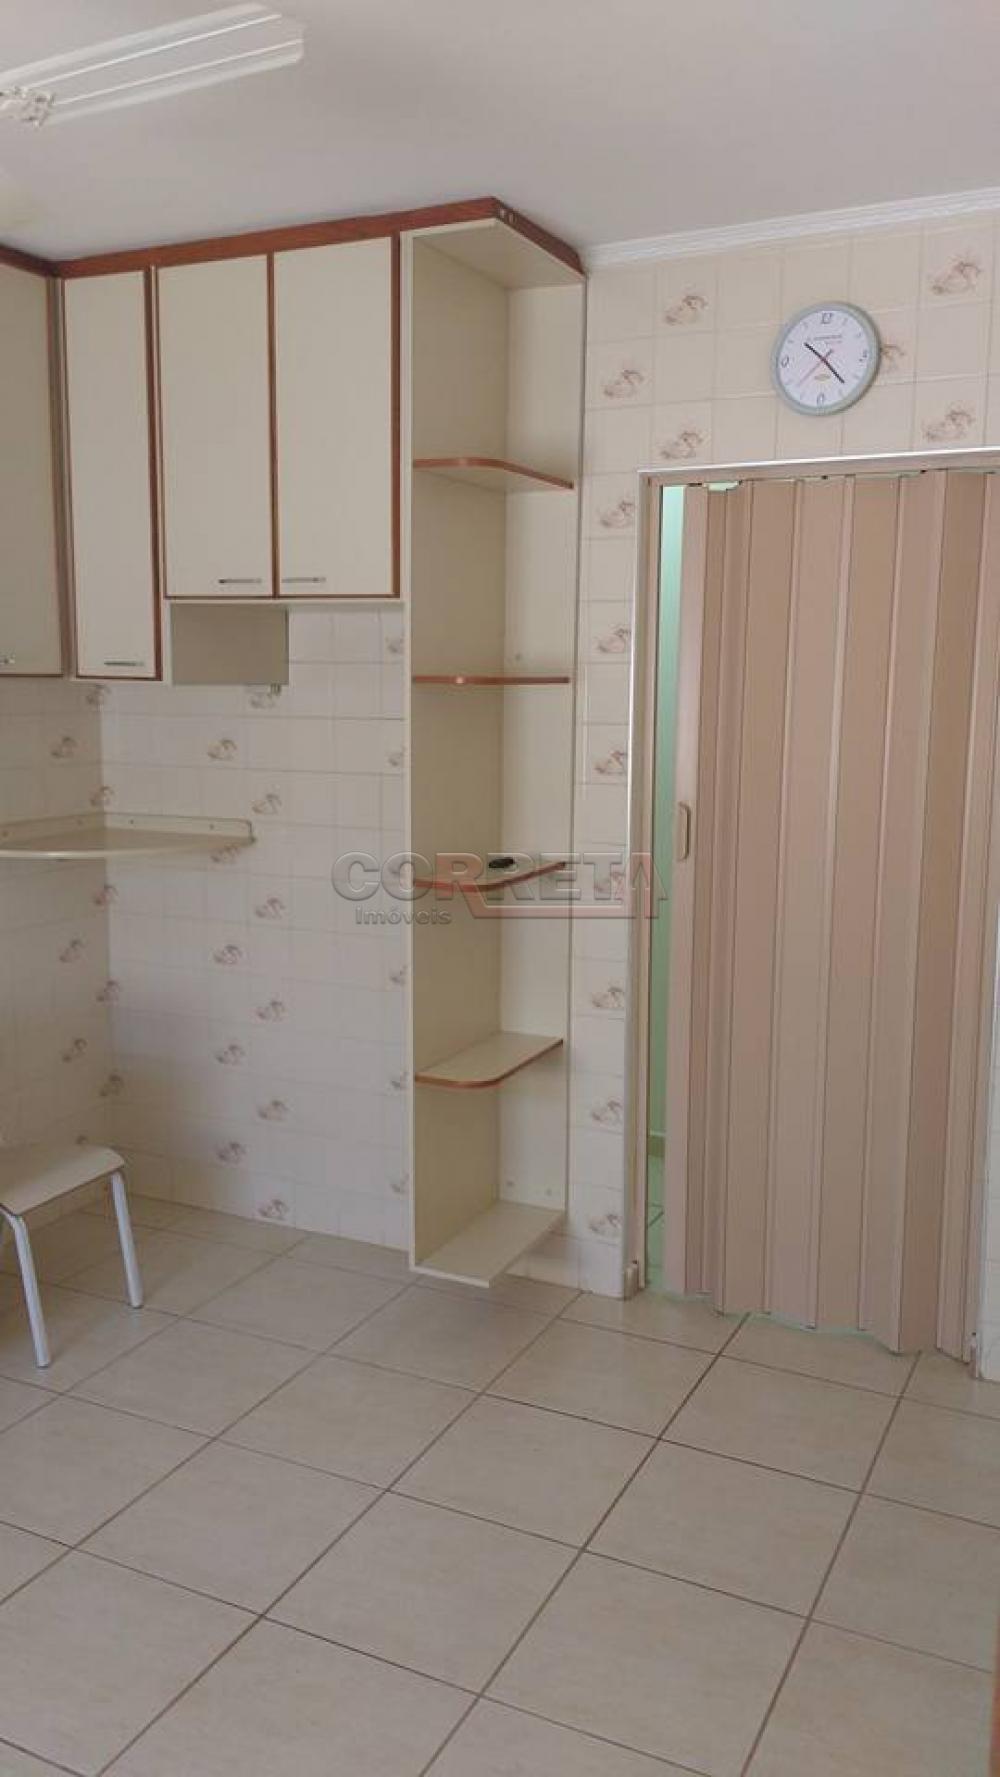 Comprar Casa / Residencial em Araçatuba R$ 270.000,00 - Foto 5